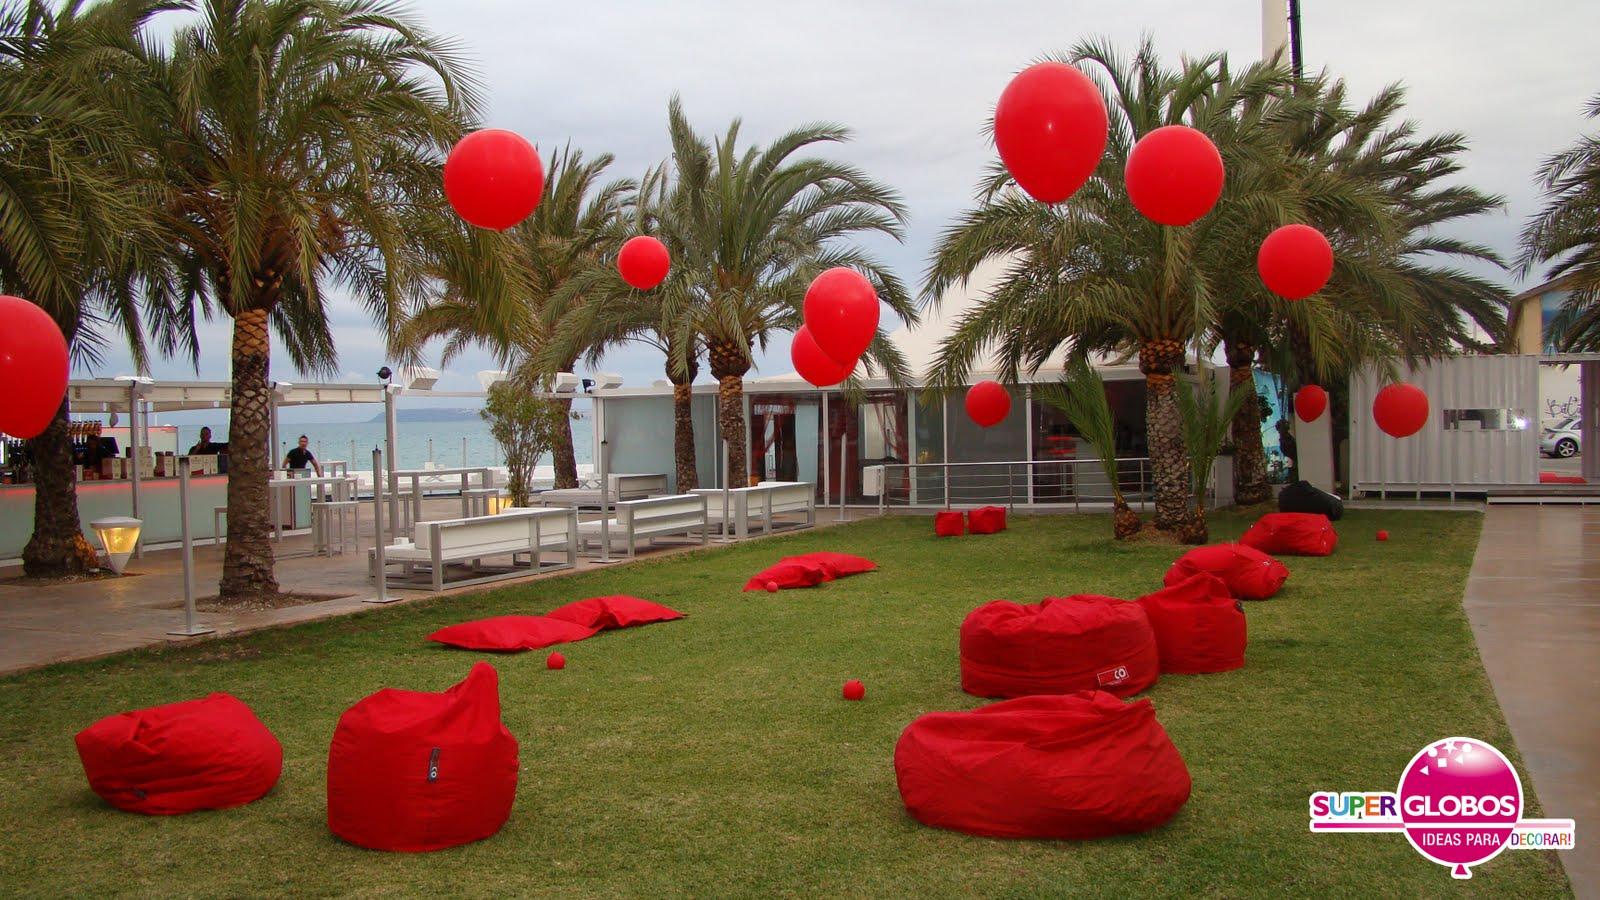 Decoraci n con globos para eventos y fiestas superglobos for Decoracion para pared dia de la madre